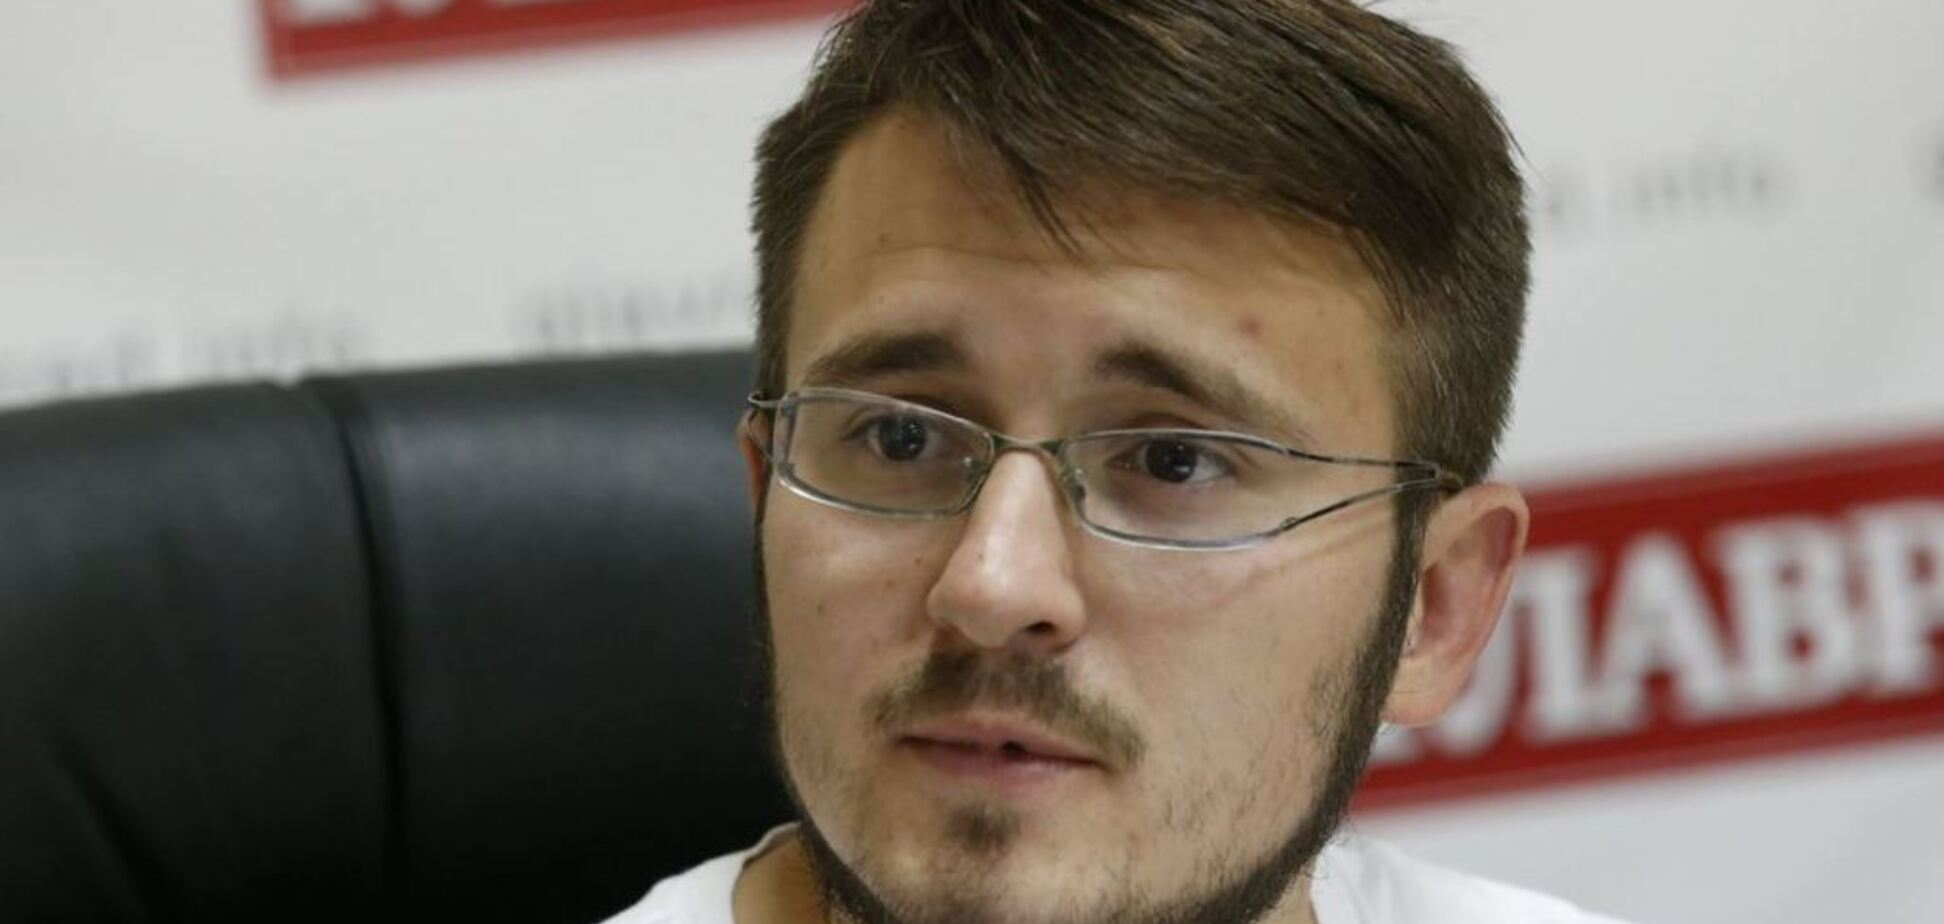 Вони не контрабандисти! Бігус розкрив суть скандального розслідування в оборонці України